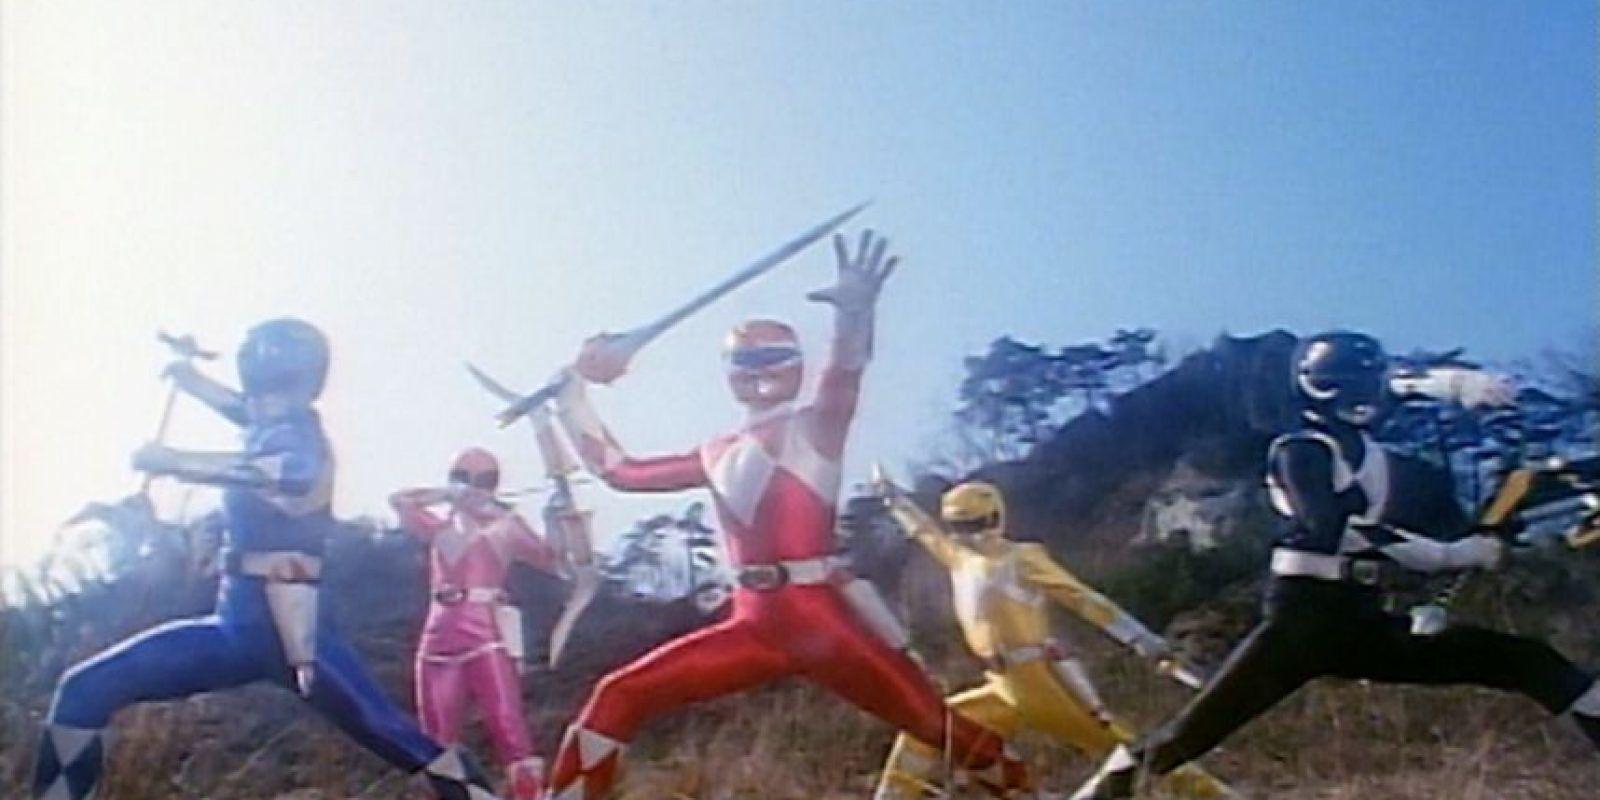 Datos que quizás no conocían de los Power Rangers Foto:Facebook.com/powerrangers. Imagen Por: